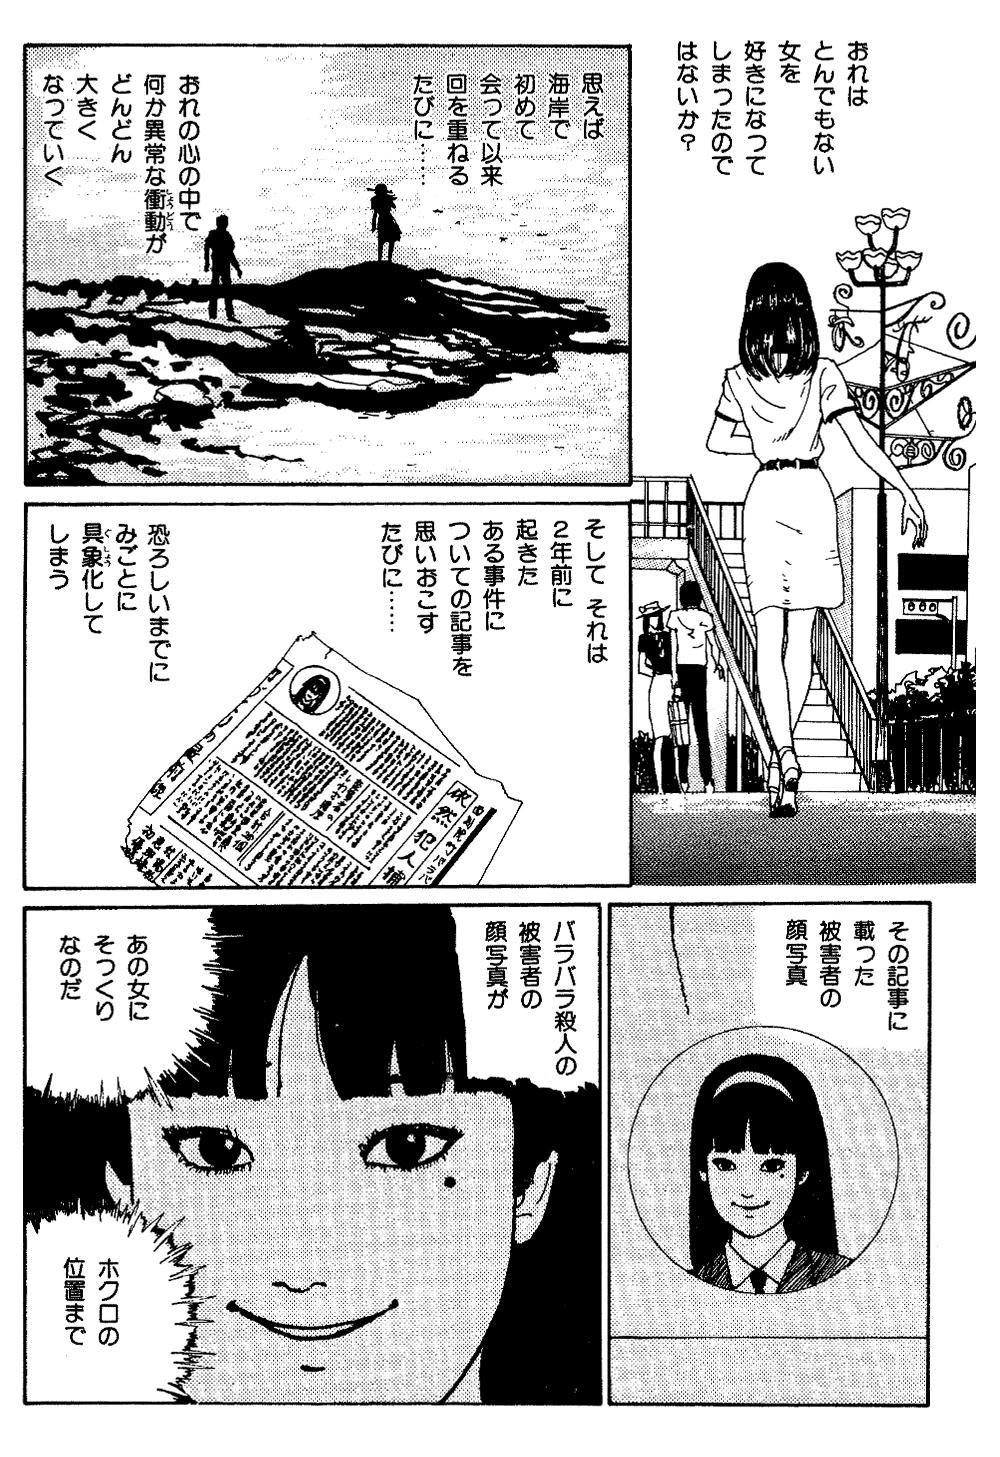 伊藤潤二傑作集 第2話「富江 森田病院編」②itojunji05-04.jpg